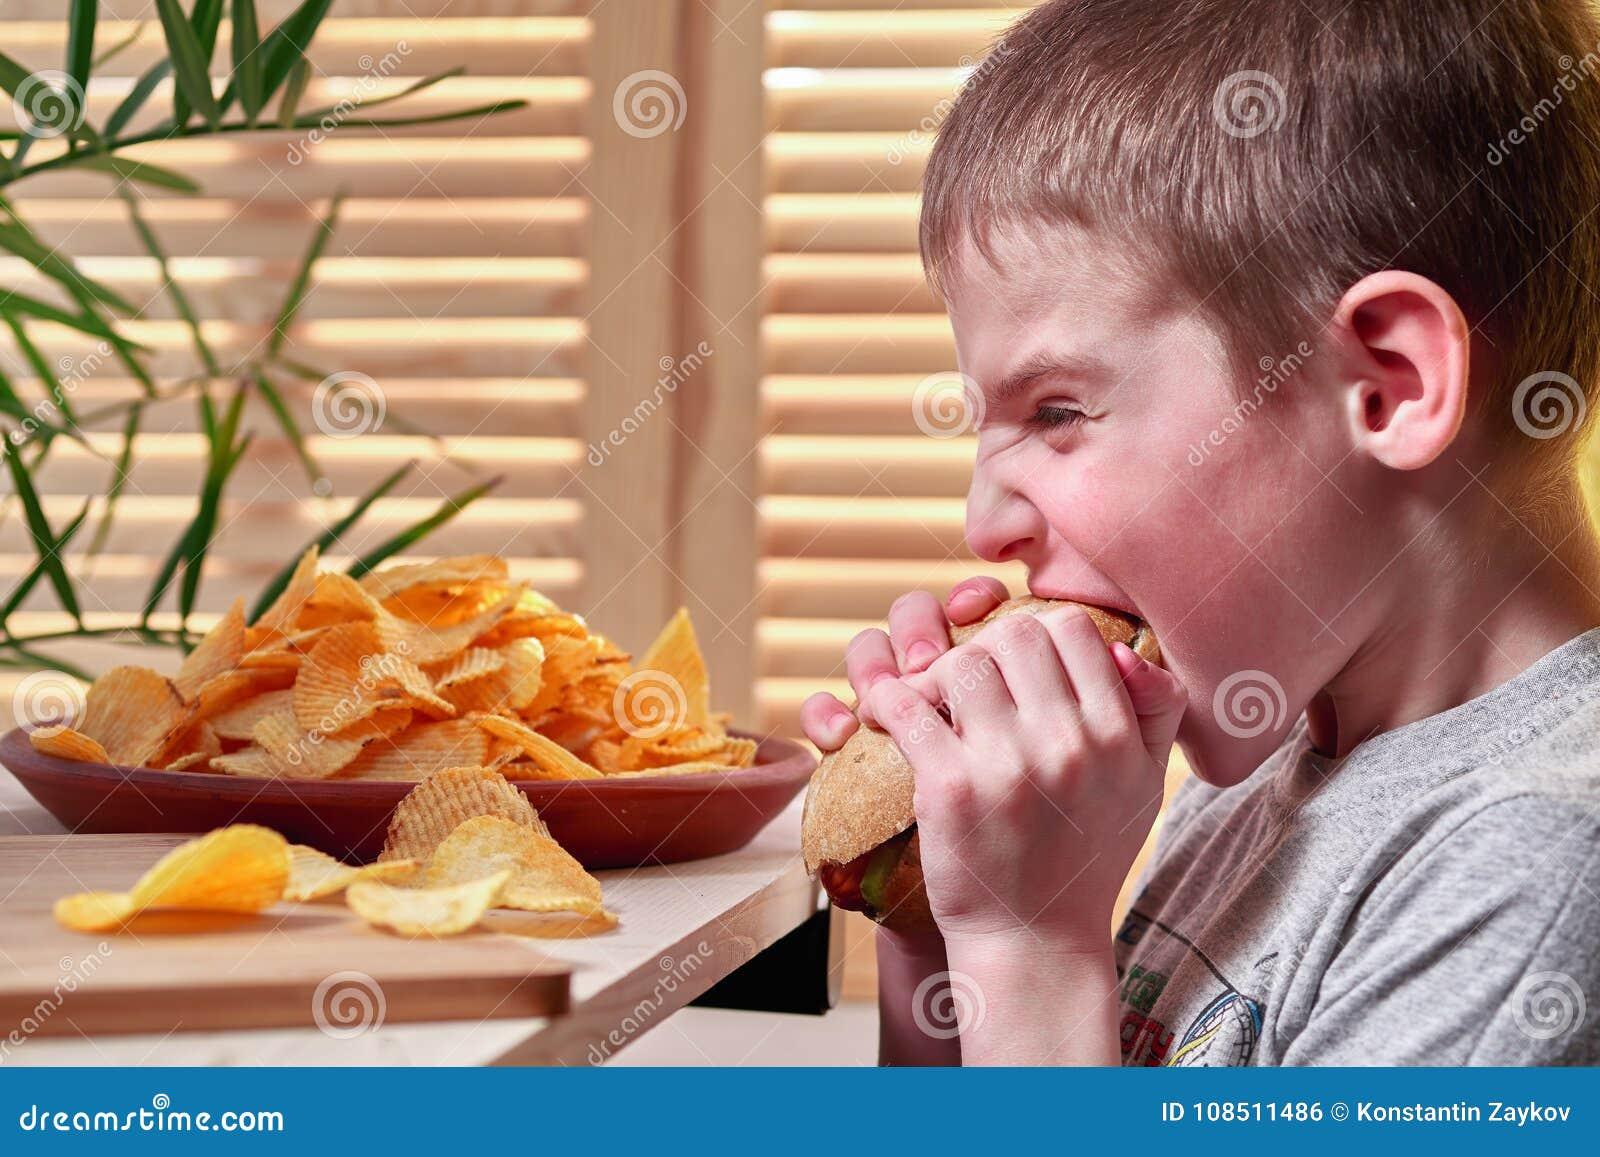 Chłopiec z ochotą gryźć wyśmienicie dużego hot dog Dziecko je w fascie food